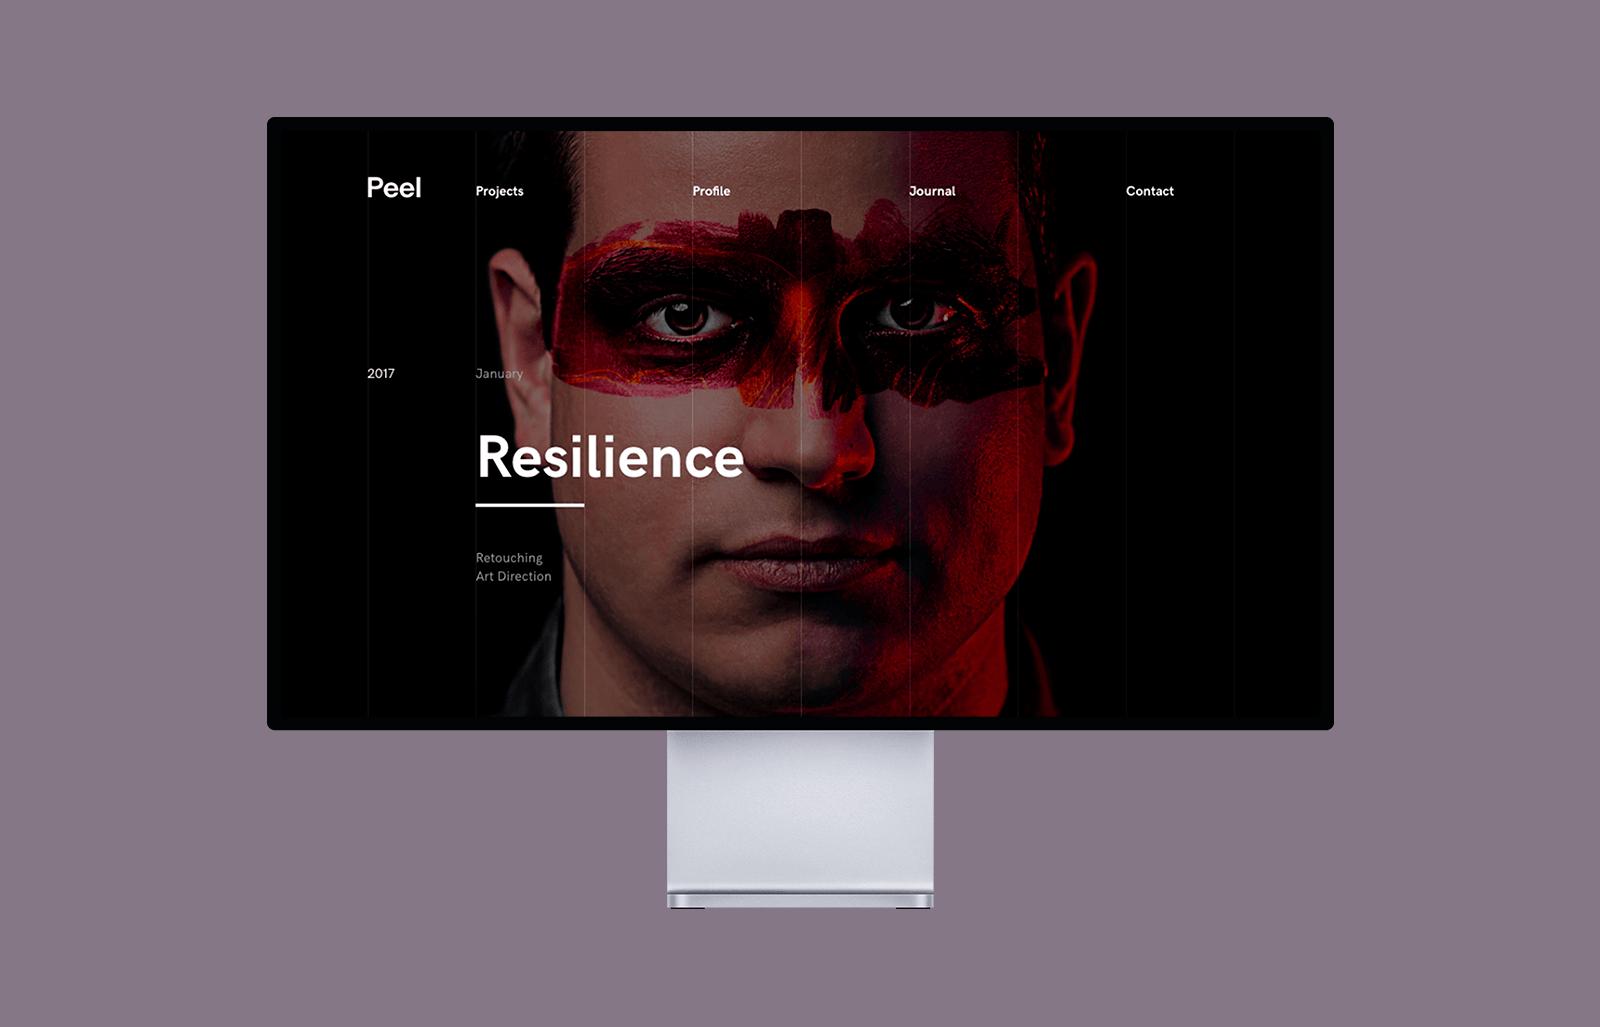 Kaj Heijmans - Designer and Developer